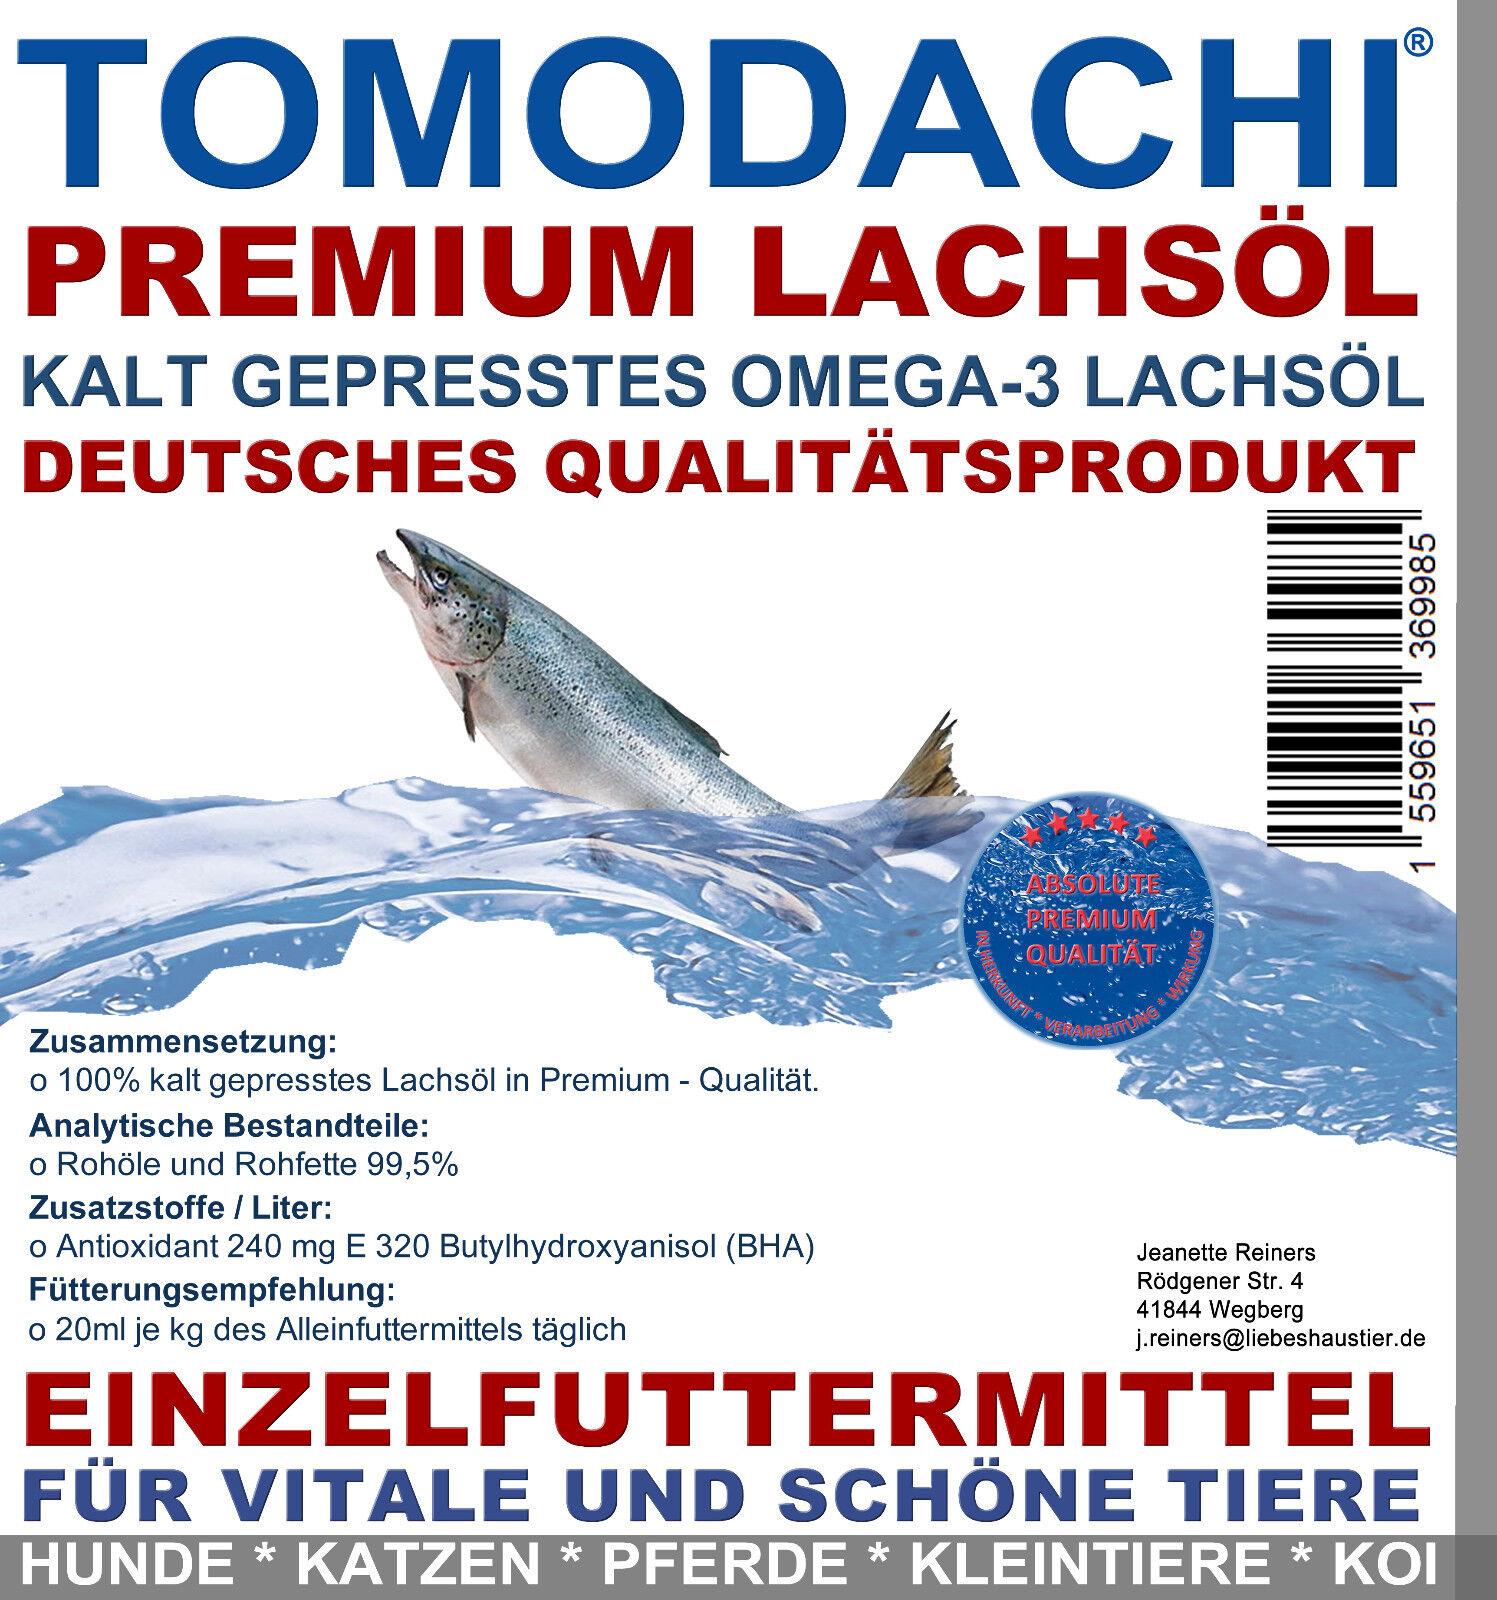 Lachsöl Hund, BARF Zusatz essentielle Fettsäuren, Premium Omega 3 Lachsöl 5L